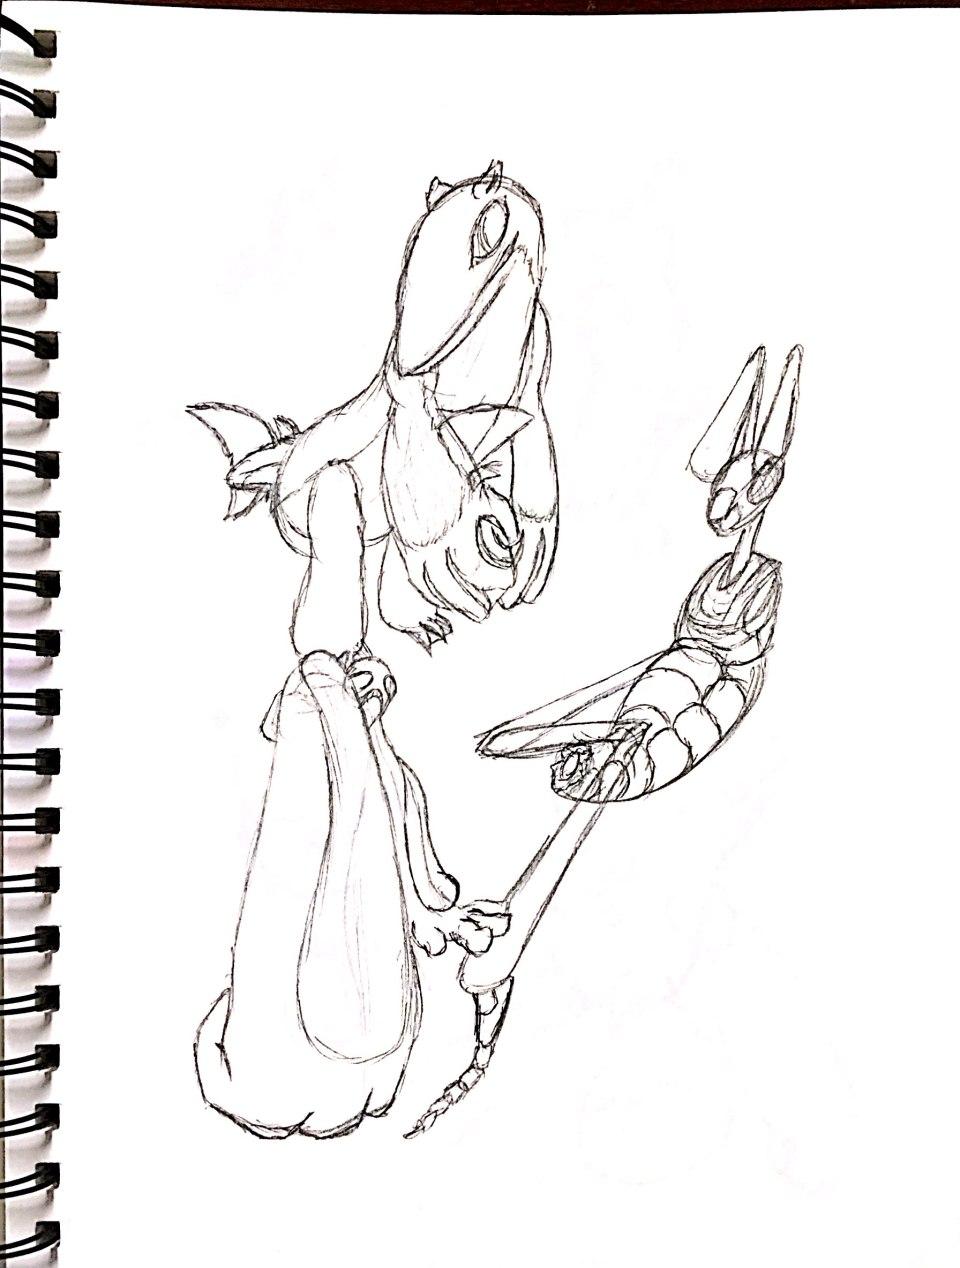 sketch 2017-05-02 10.53.51_1.jpg